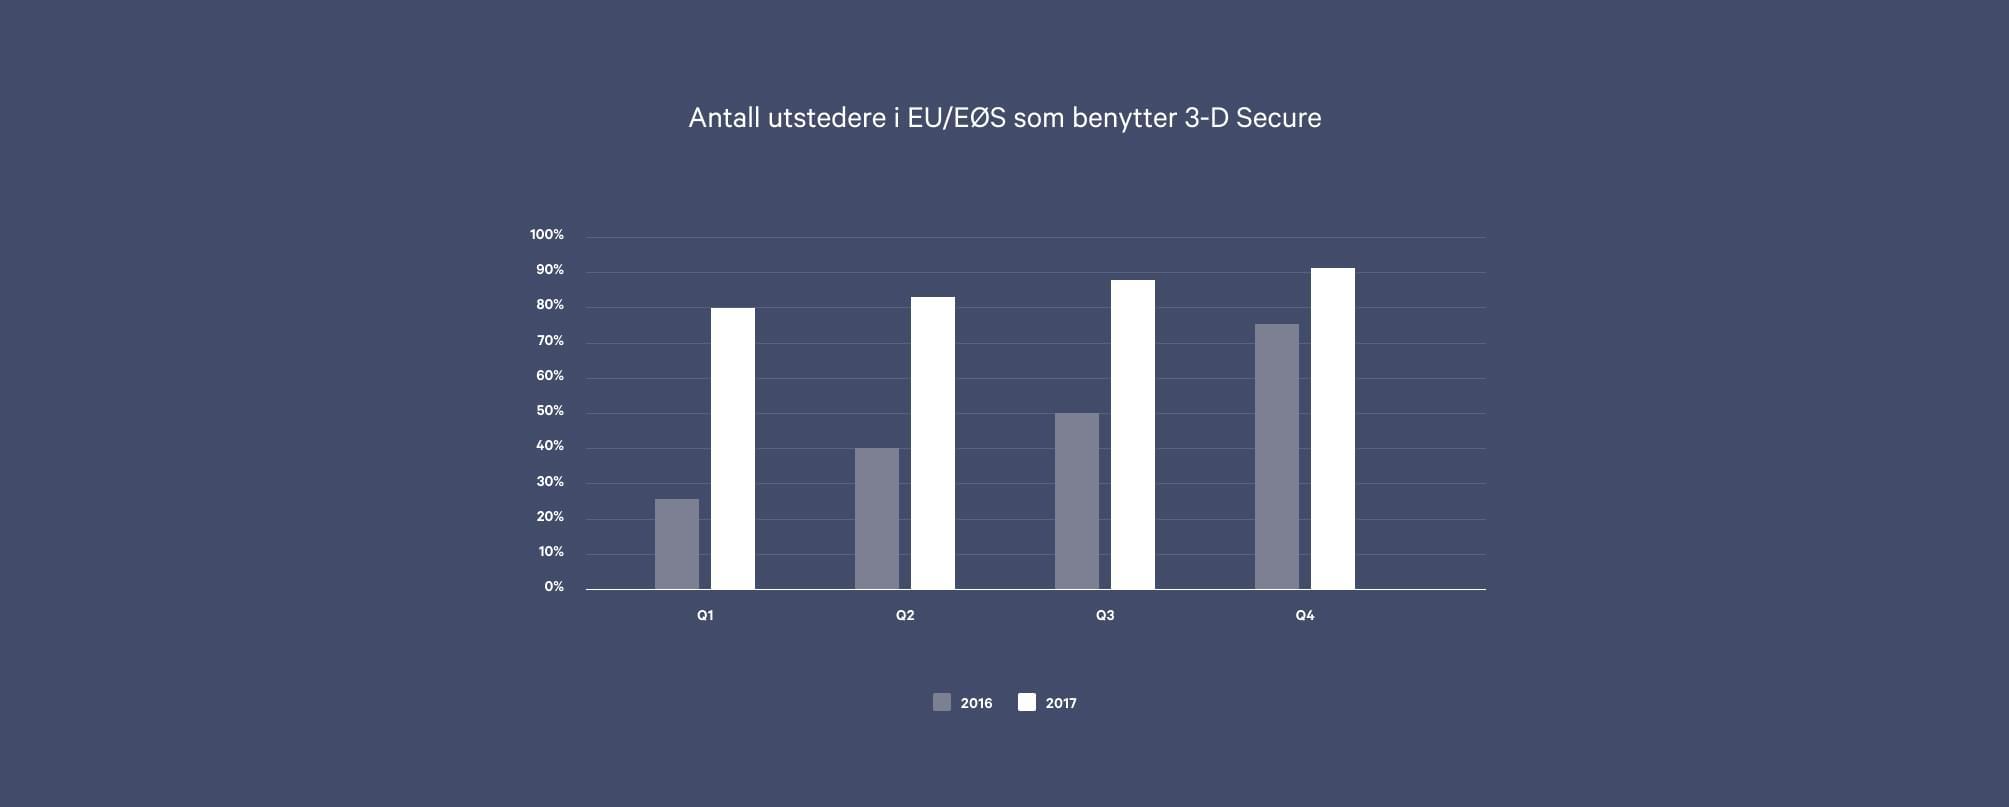 Statistikk over hvor mange kortutstedere innenfor EU/EØS som benytter 3-D Secure